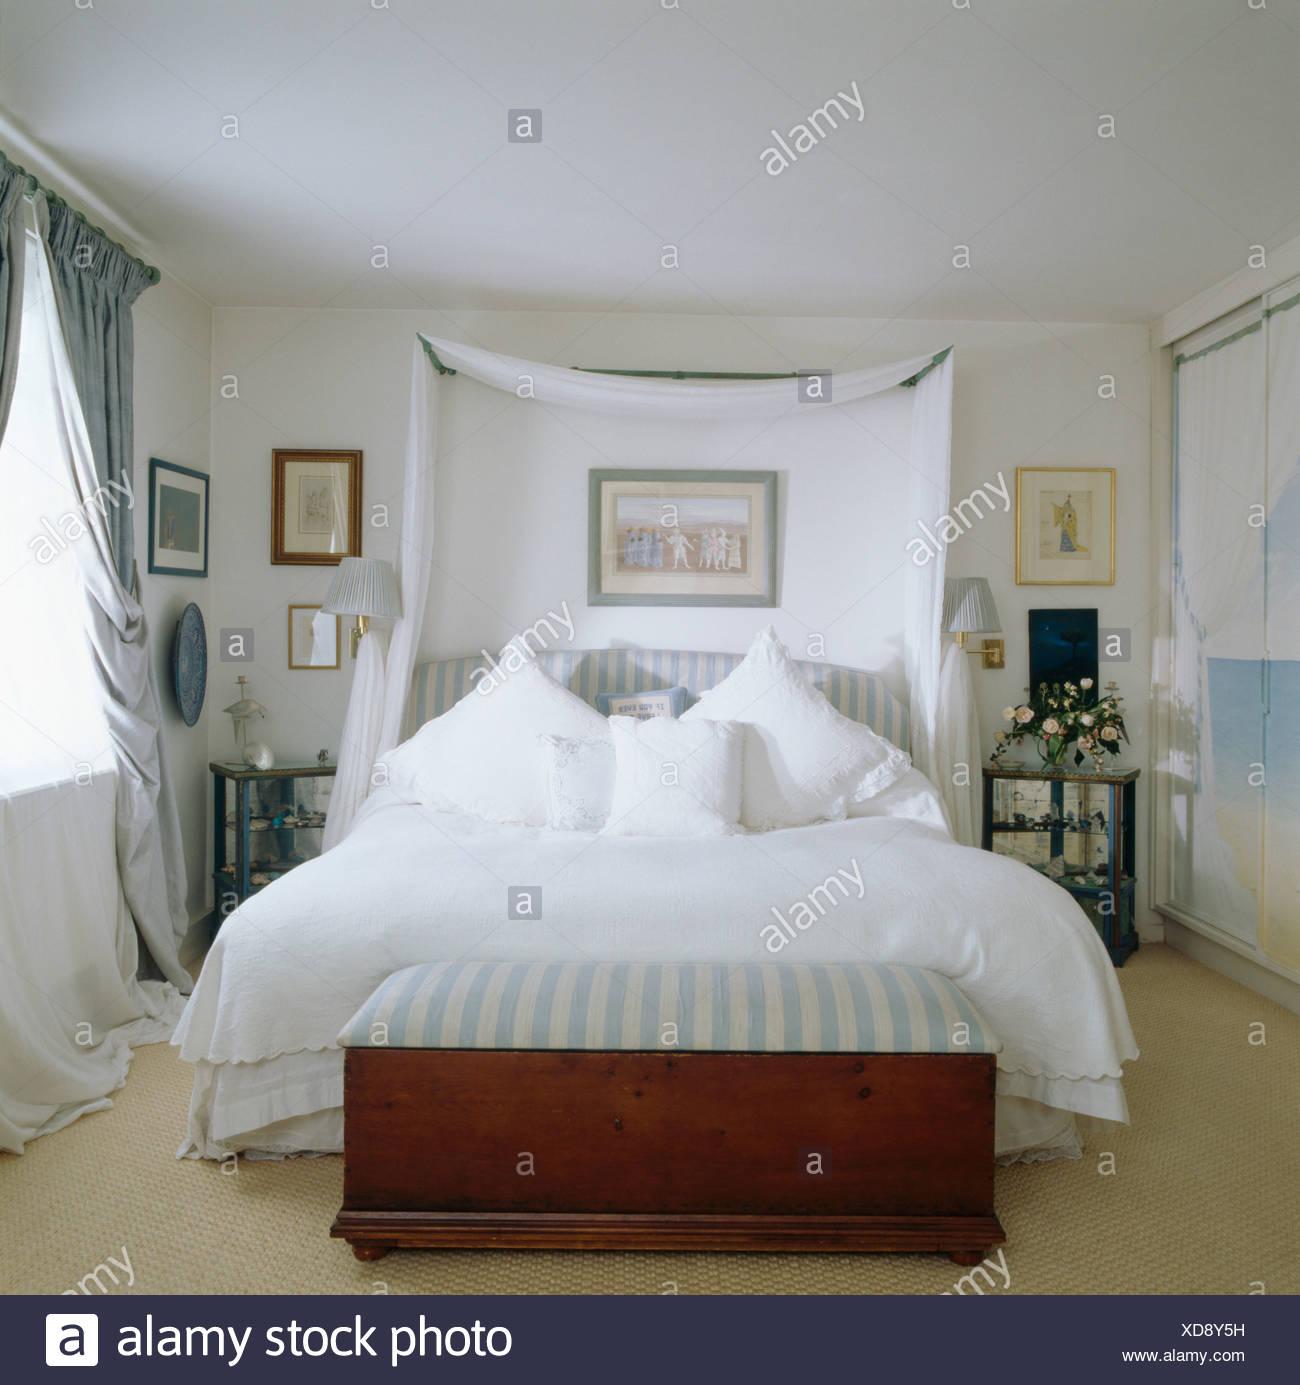 Rideaux blancs au-dessus de lit avec draps et oreillers ...